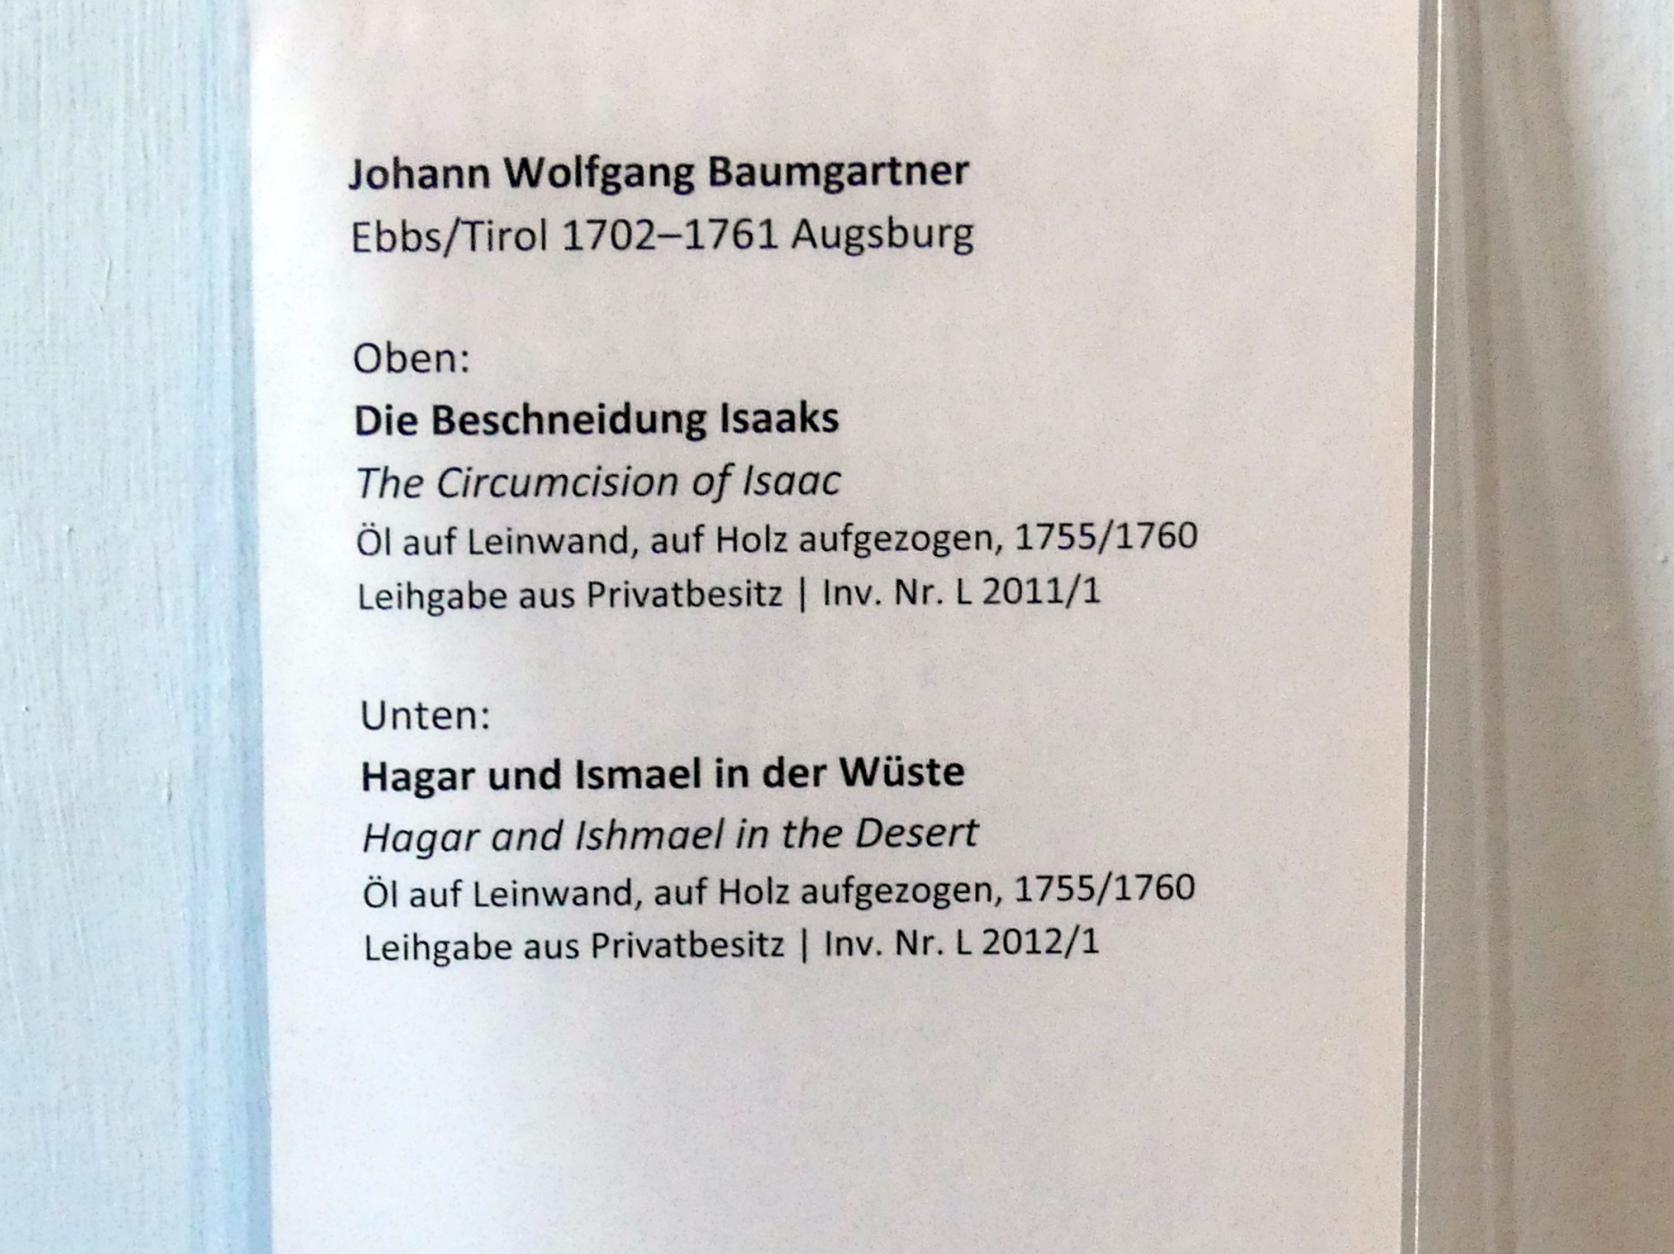 Johann Wolfgang Baumgartner: Die Beschneidung Isaaks, 1755 - 1760, Bild 2/2